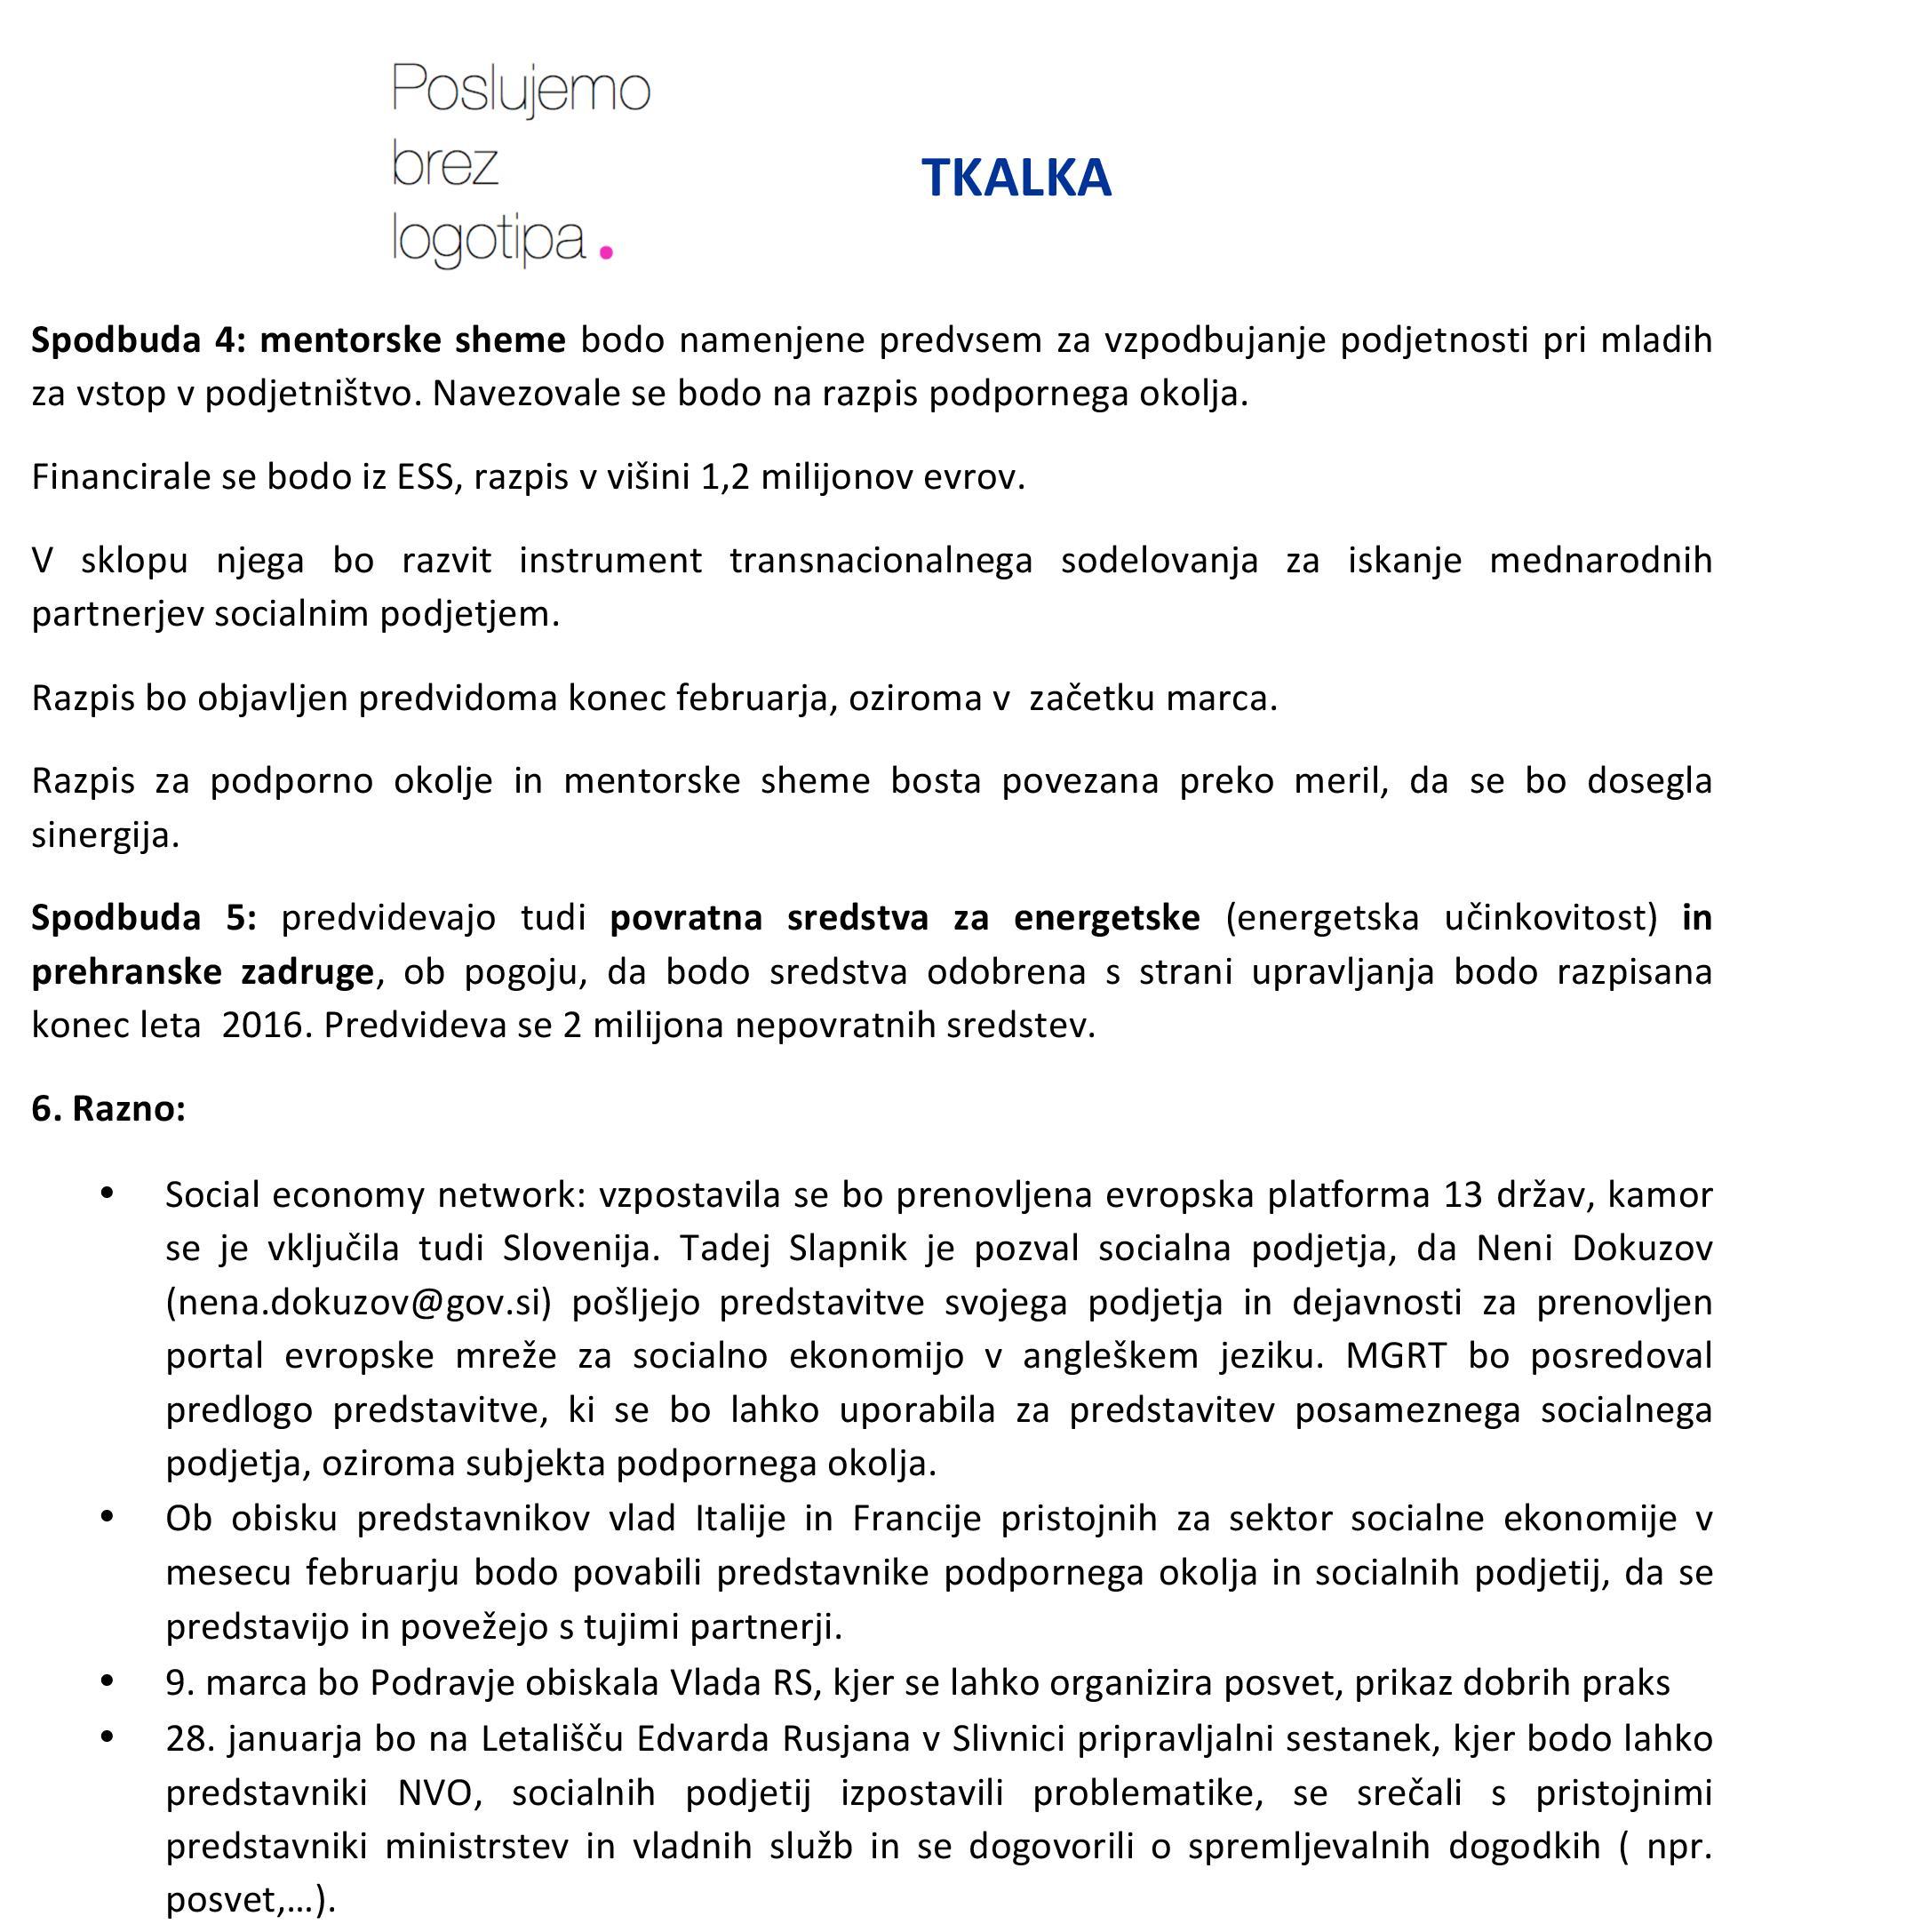 Microsoft Word - Poudarki sestanka socialnih podjetij iz Podravj